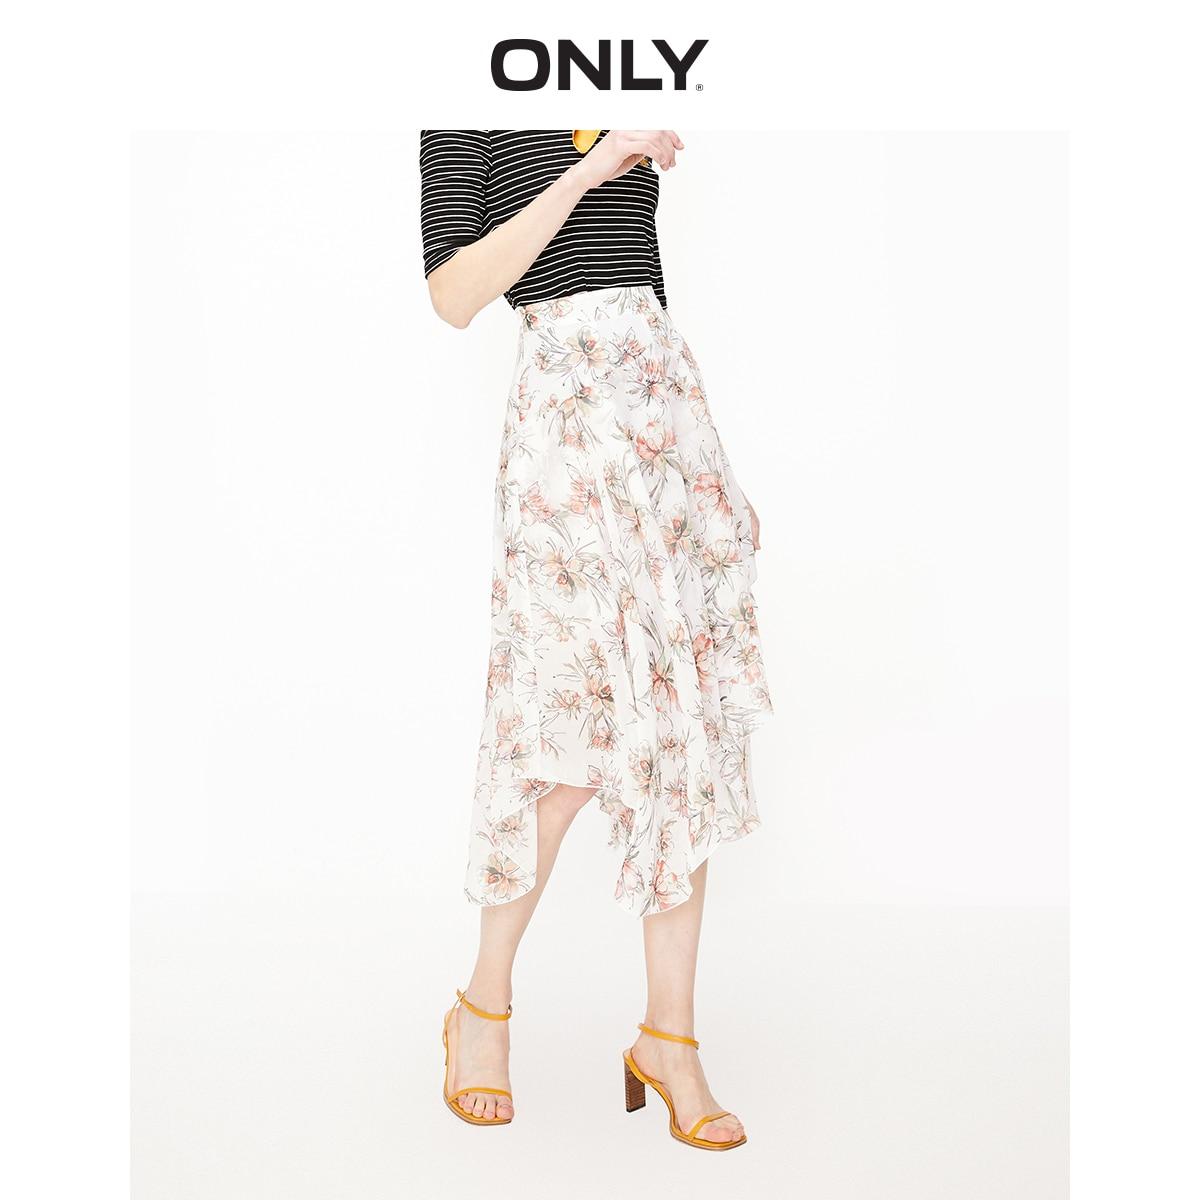 ONLY Women's High-rise Irregular Floral Chiffon Skirt | 119216505